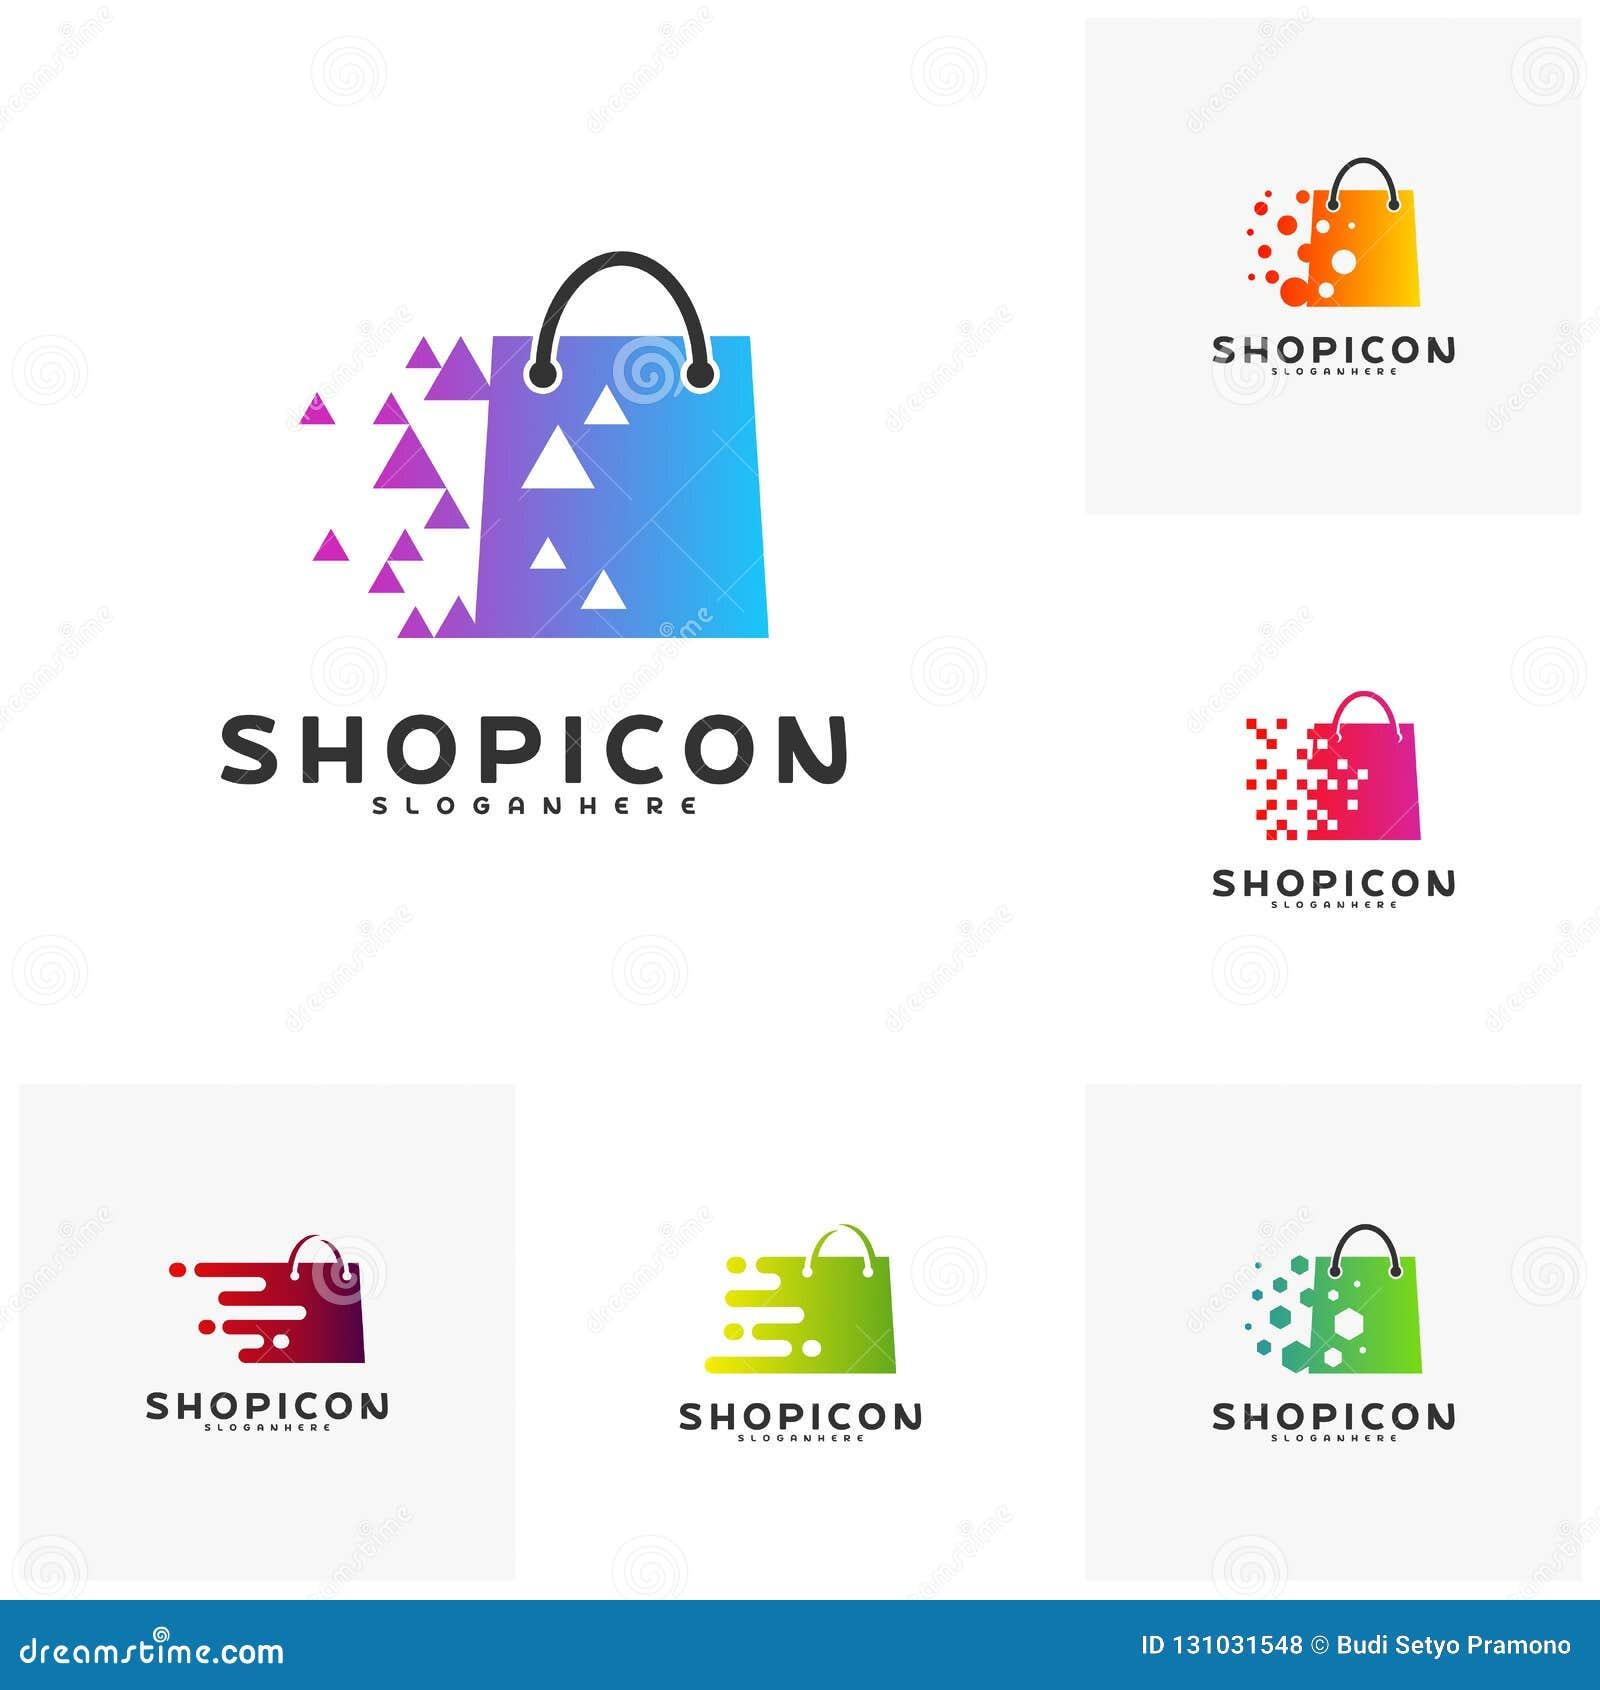 Metta del mercato online Logo Template Design Vector, il negozio Logo Design Element del deposito del negozio del pixel